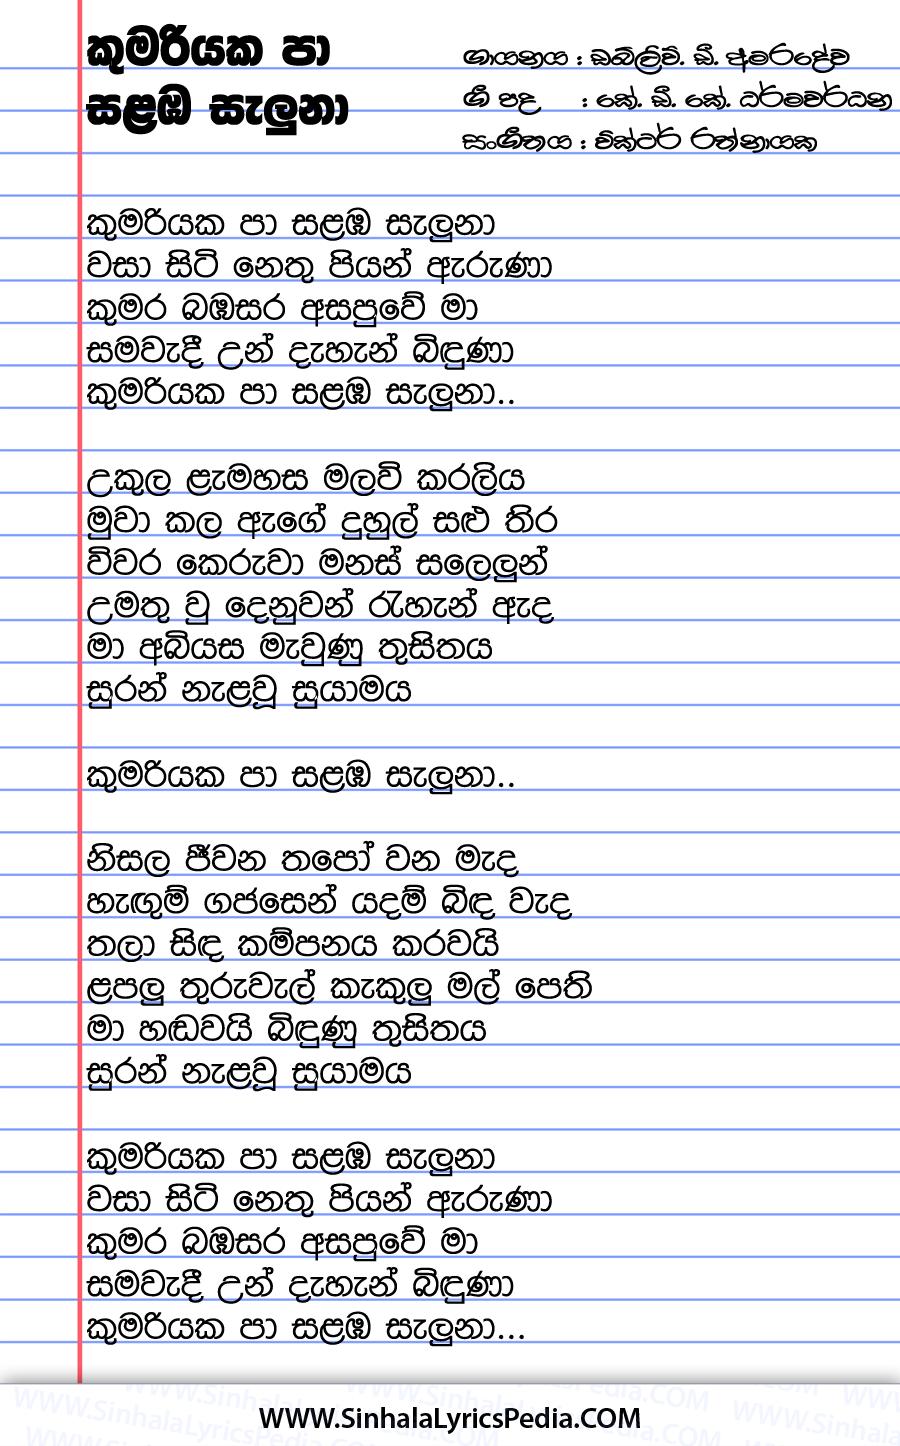 Kumariyaka Pa Salamba Saluna Song Lyrics